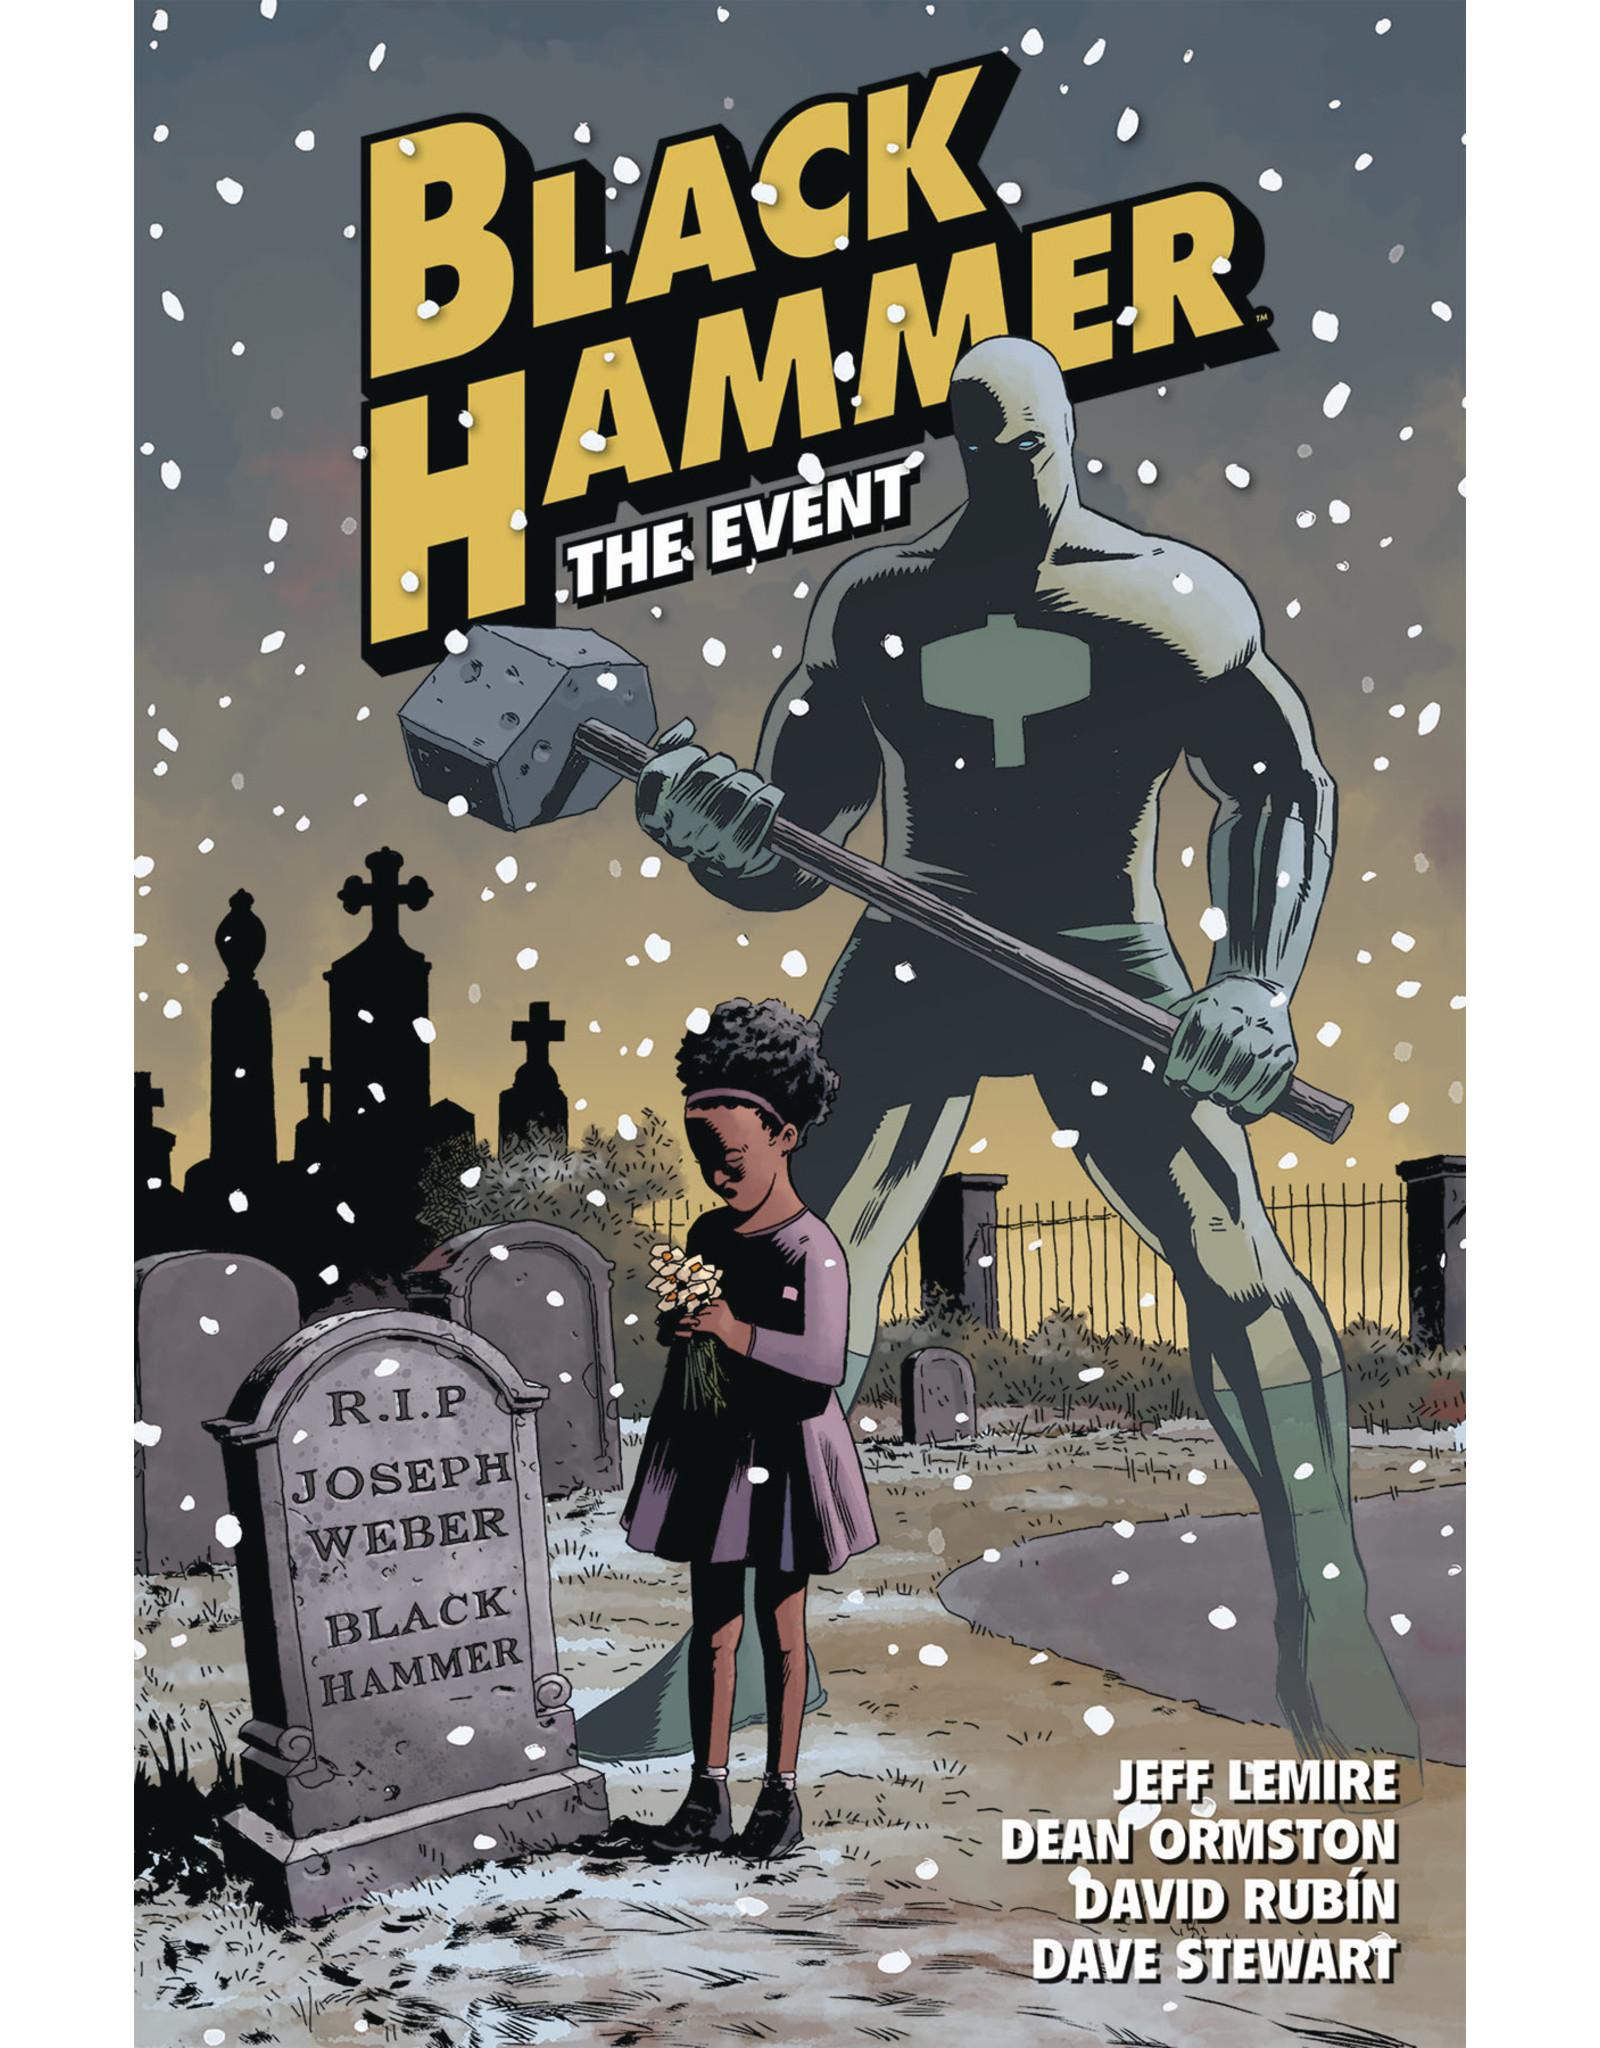 DARK HORSE COMICS BLACK HAMMER TP VOL 02 THE EVENT